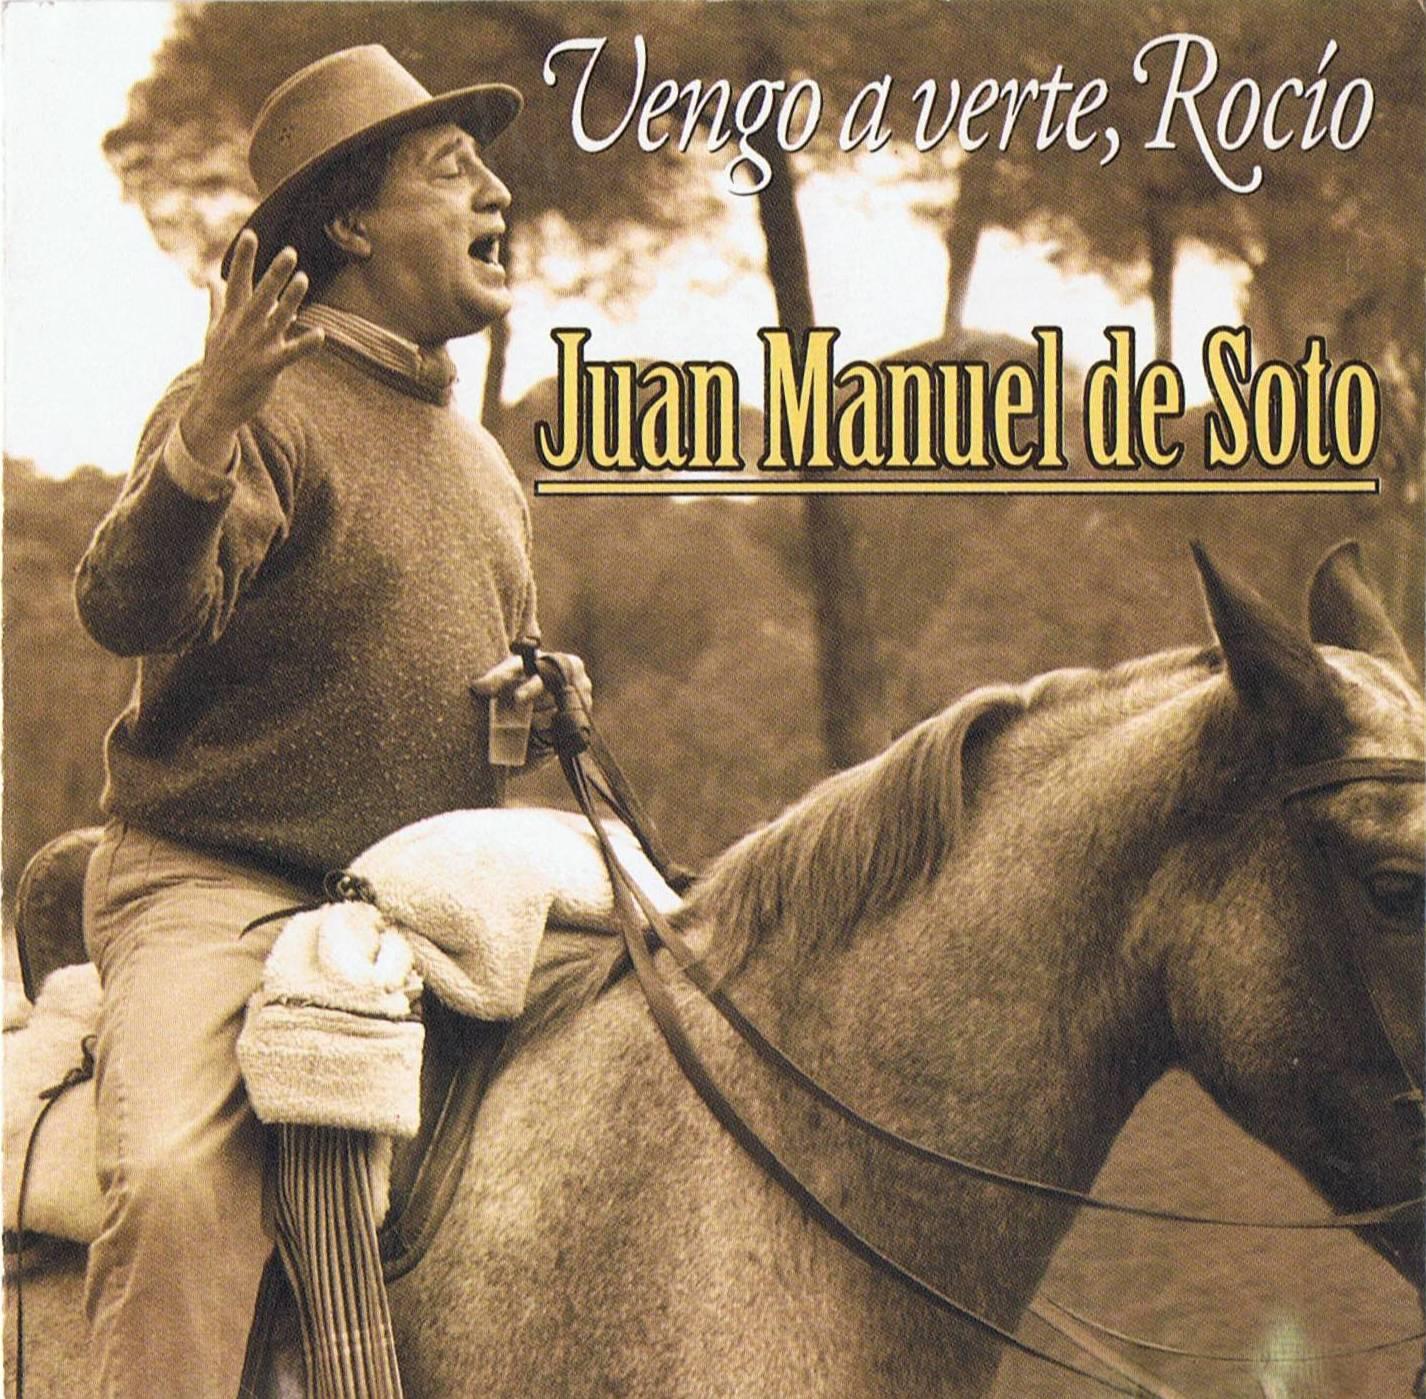 JUAN MANUEL DE SOTO